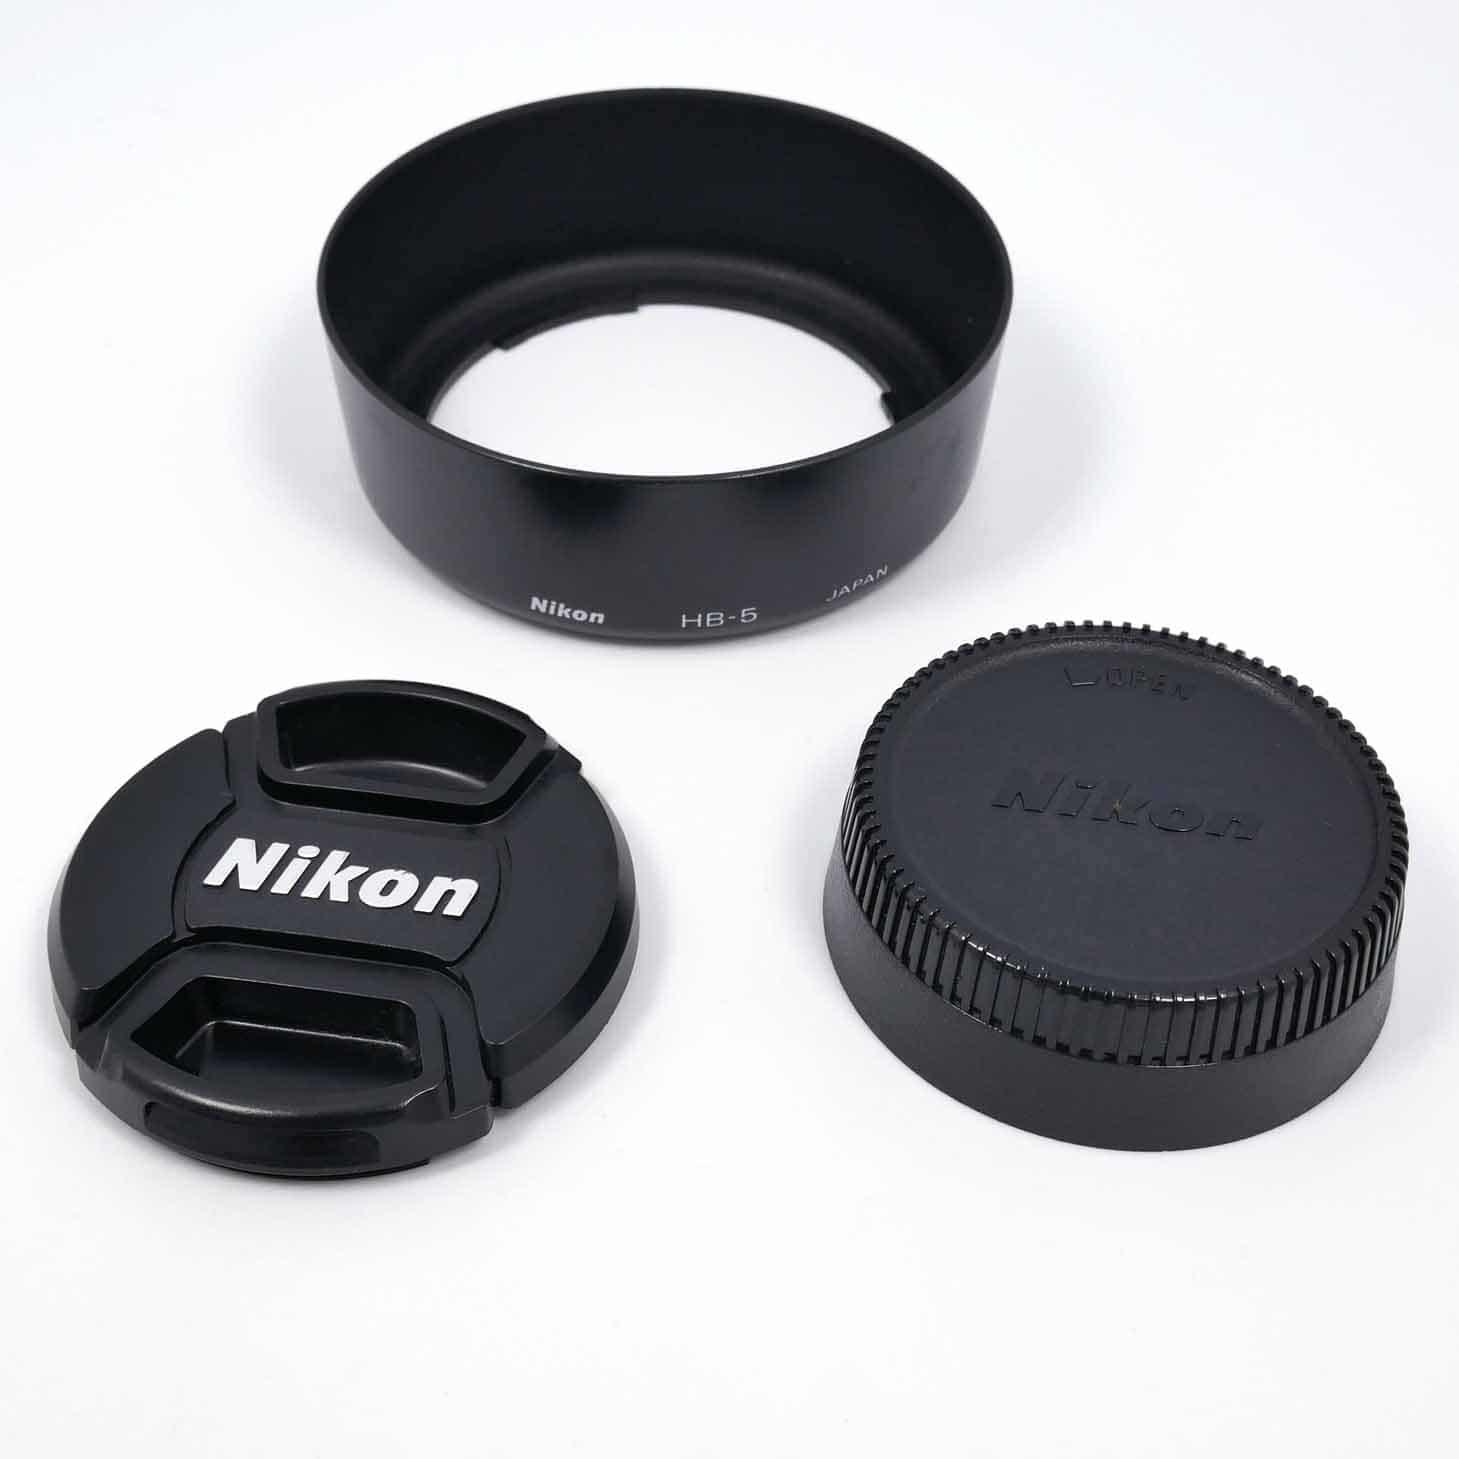 clean-cameras-Nikon-Nikkor-AF-D-35-105-mm-3.5-5.6-01